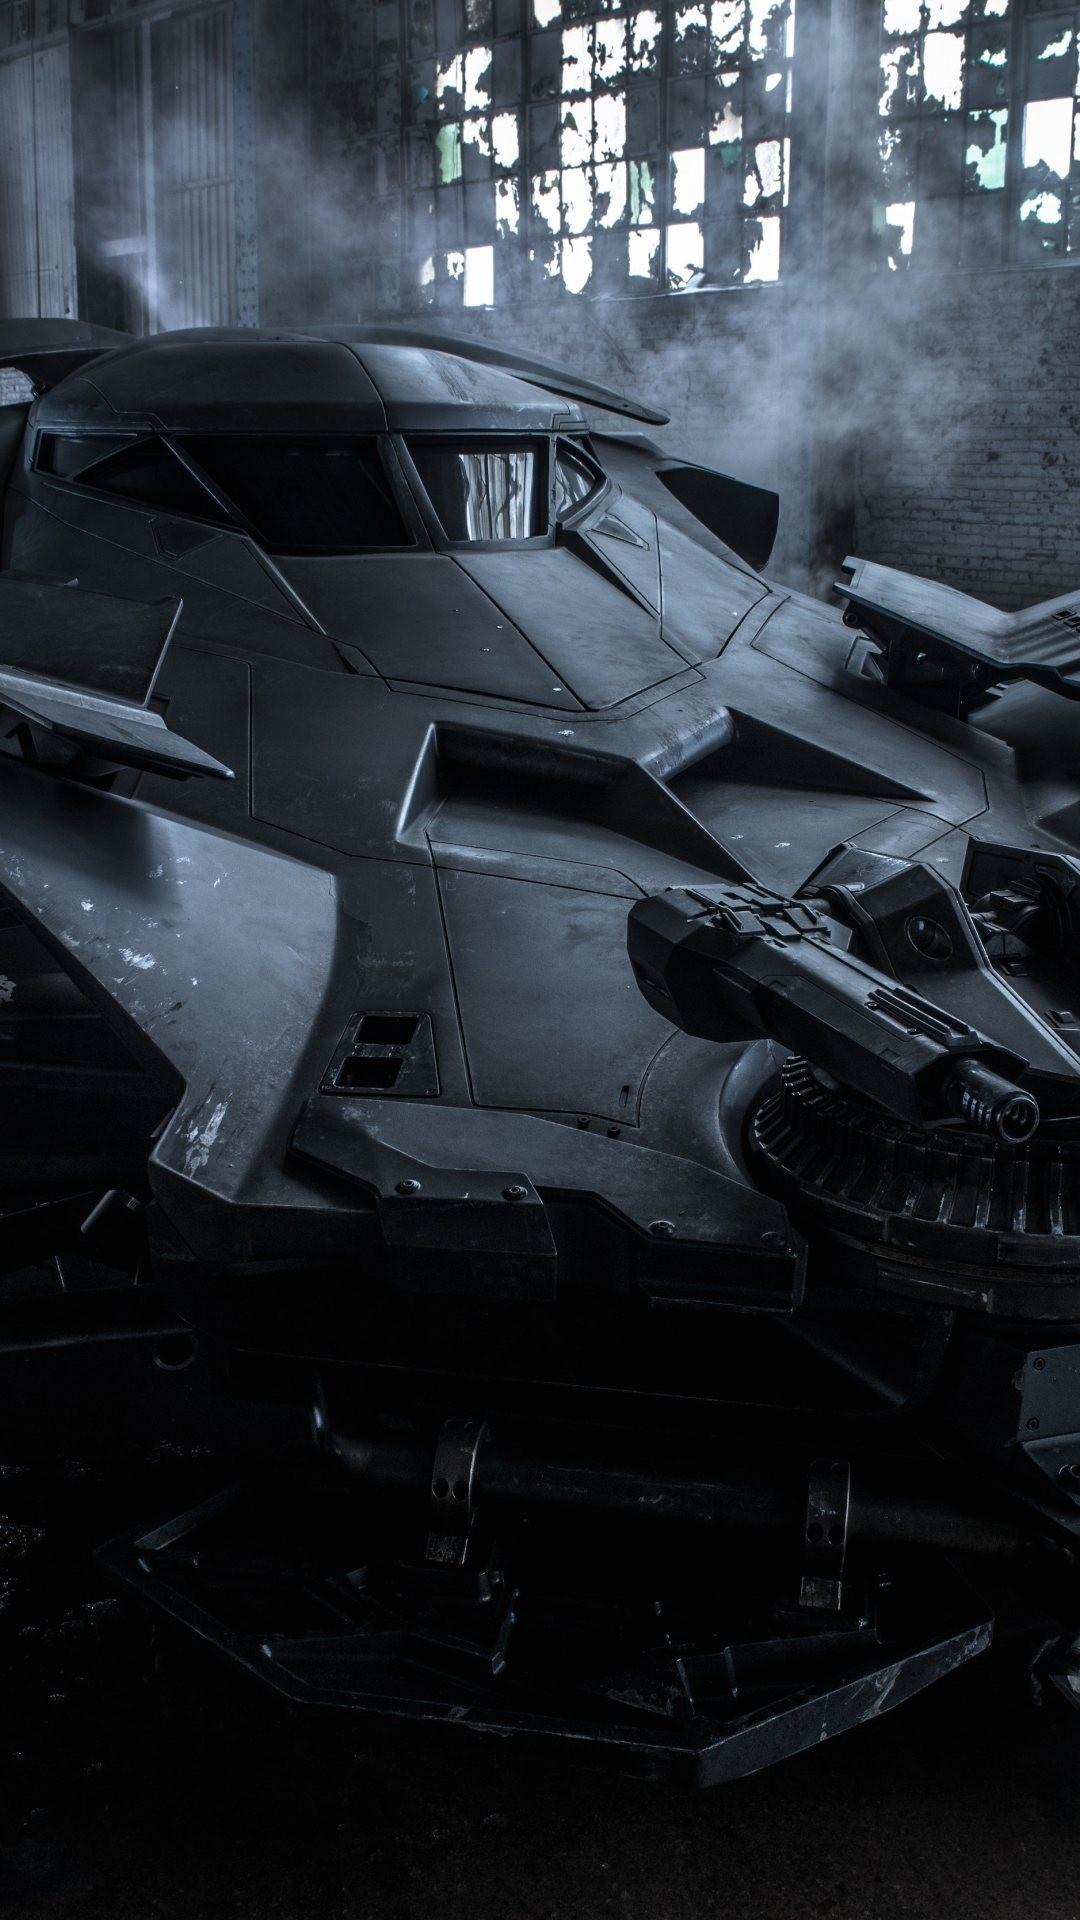 Batmobile In Batman Vs Superman - HD Wallpaper